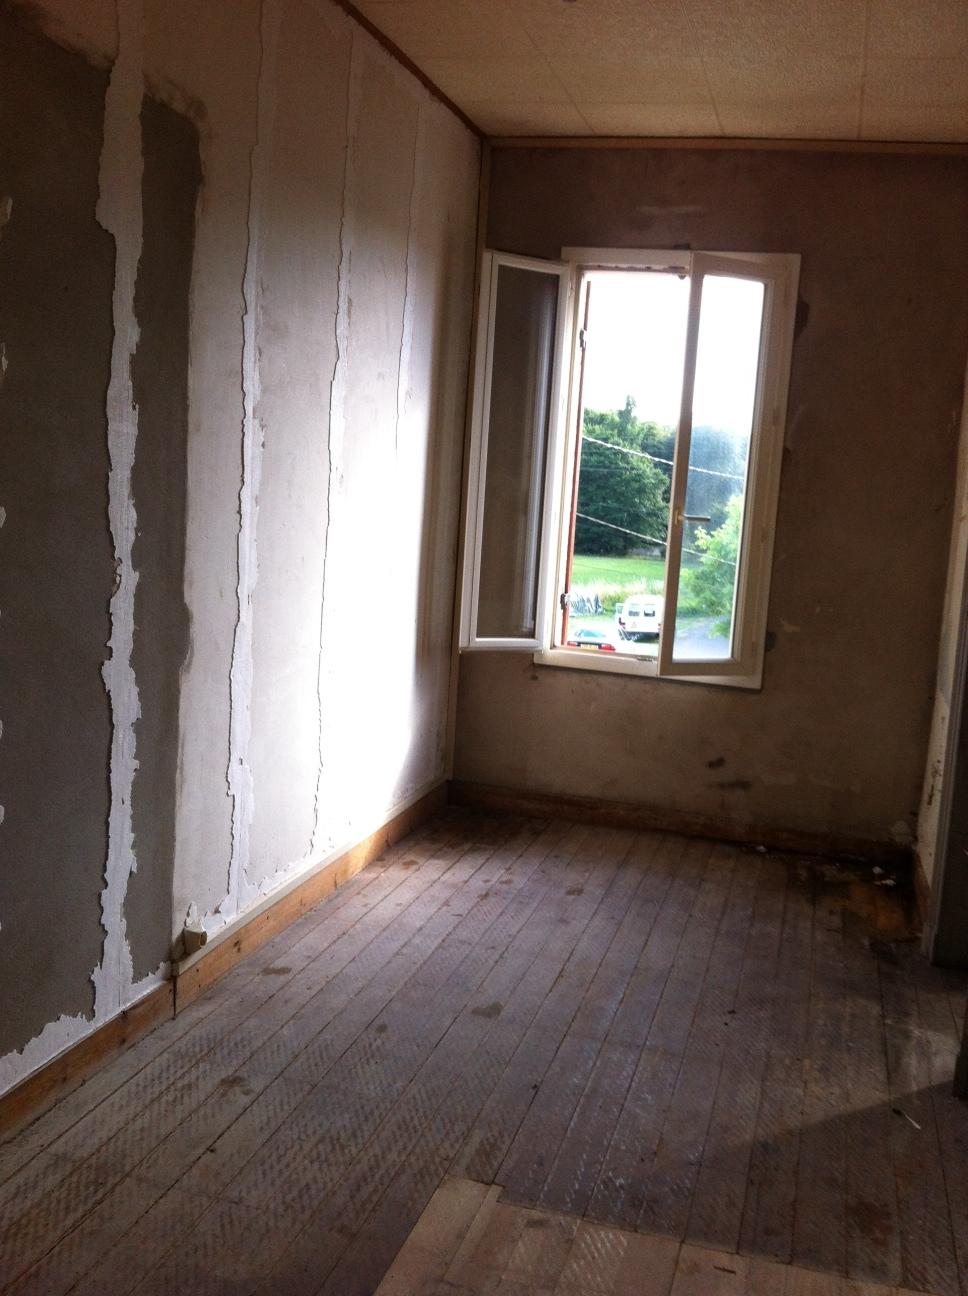 Chambre étage avant travaux